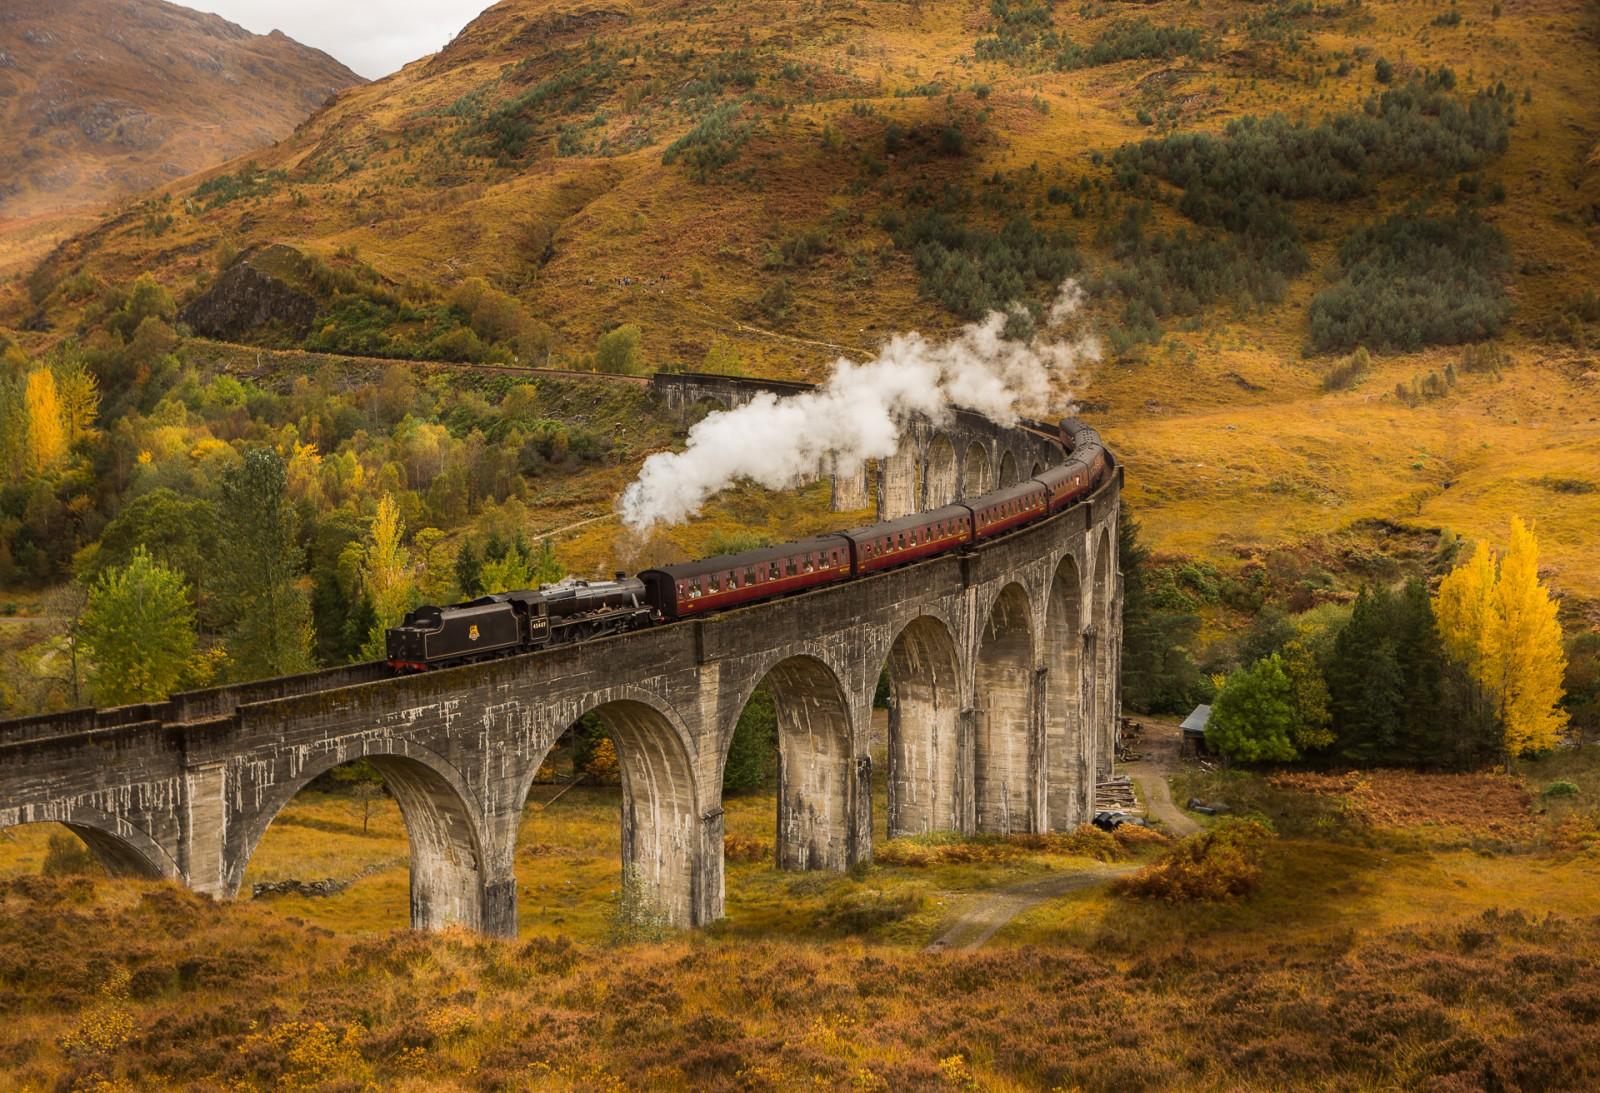 Построенный в 1901 году виадук находится в долине Гленфиннан между двумя горами, расположенными возл